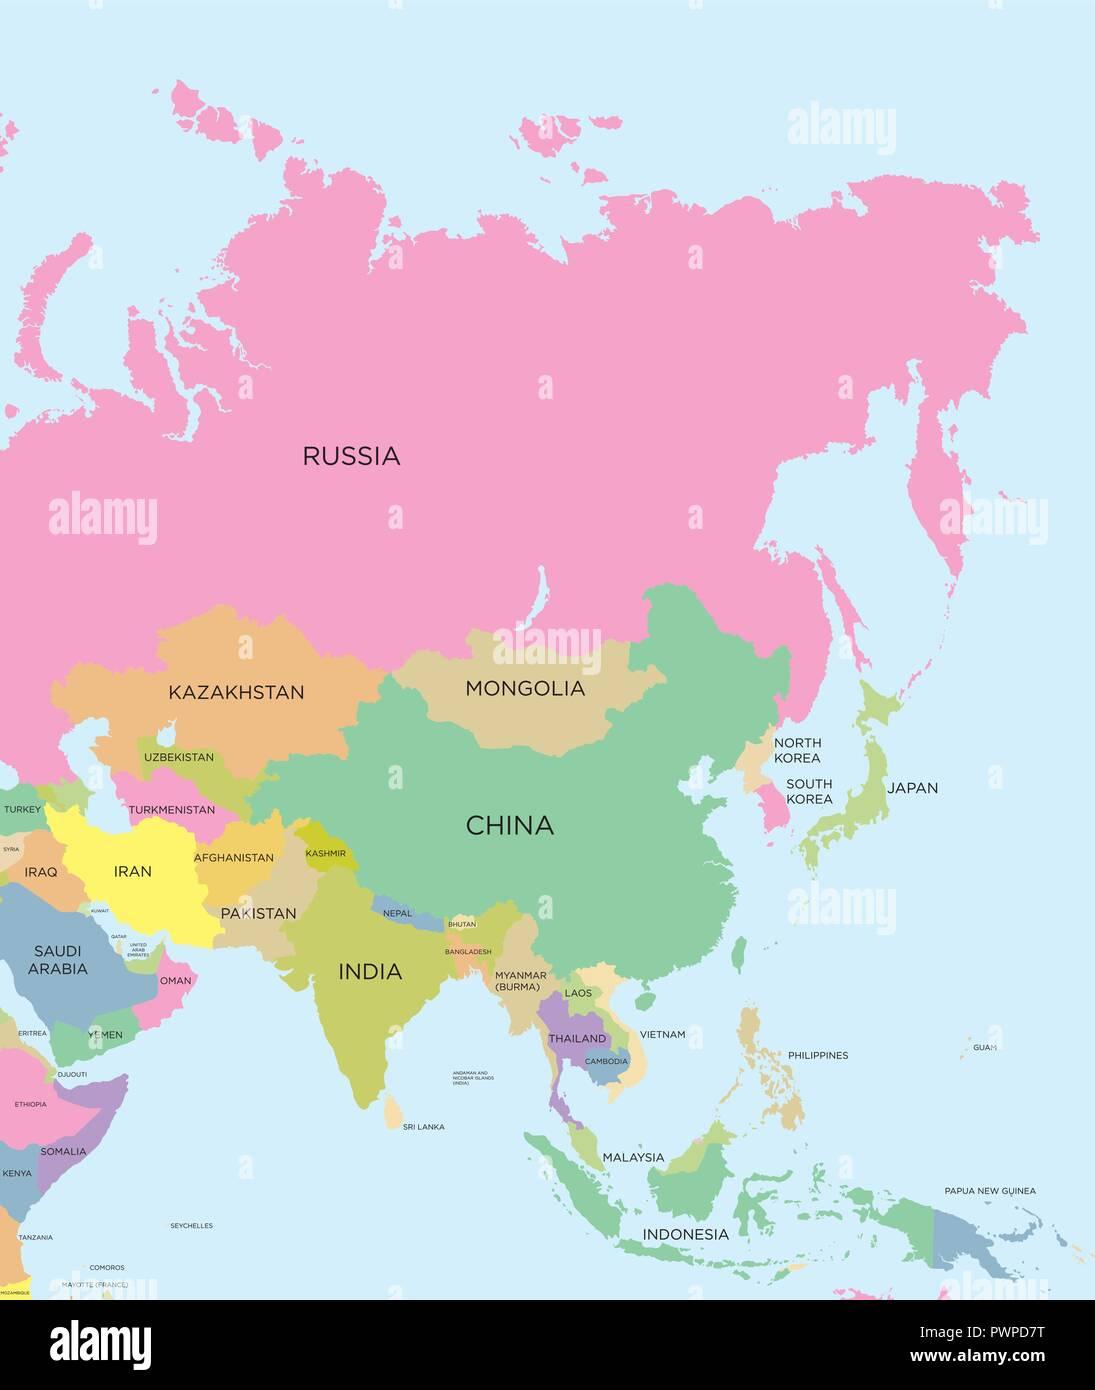 La Cartina Geografica Dell Asia.Colorata Mappa Politica Dell Asia Dettagliata Illustrazione